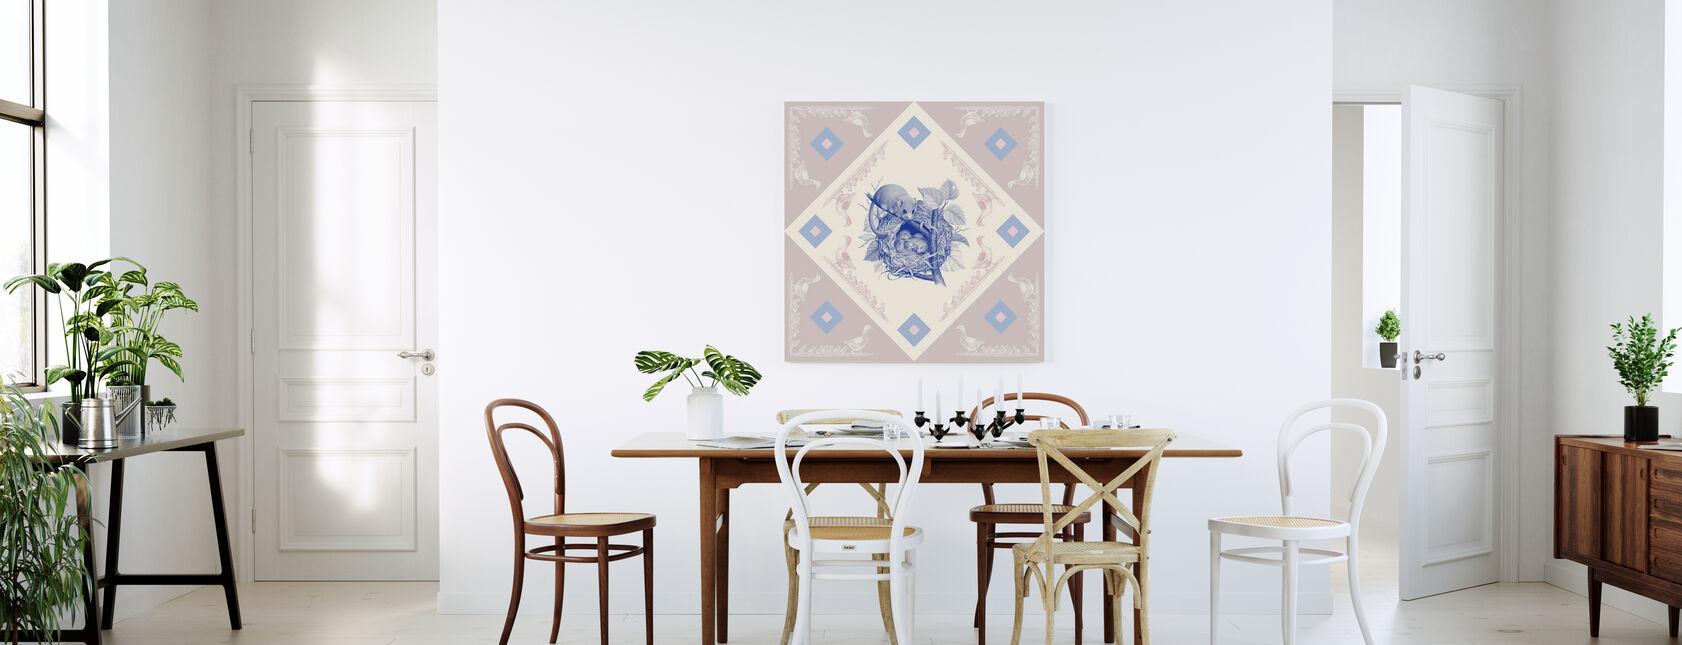 Dormouse, Blue Pink - Canvas print - Kitchen